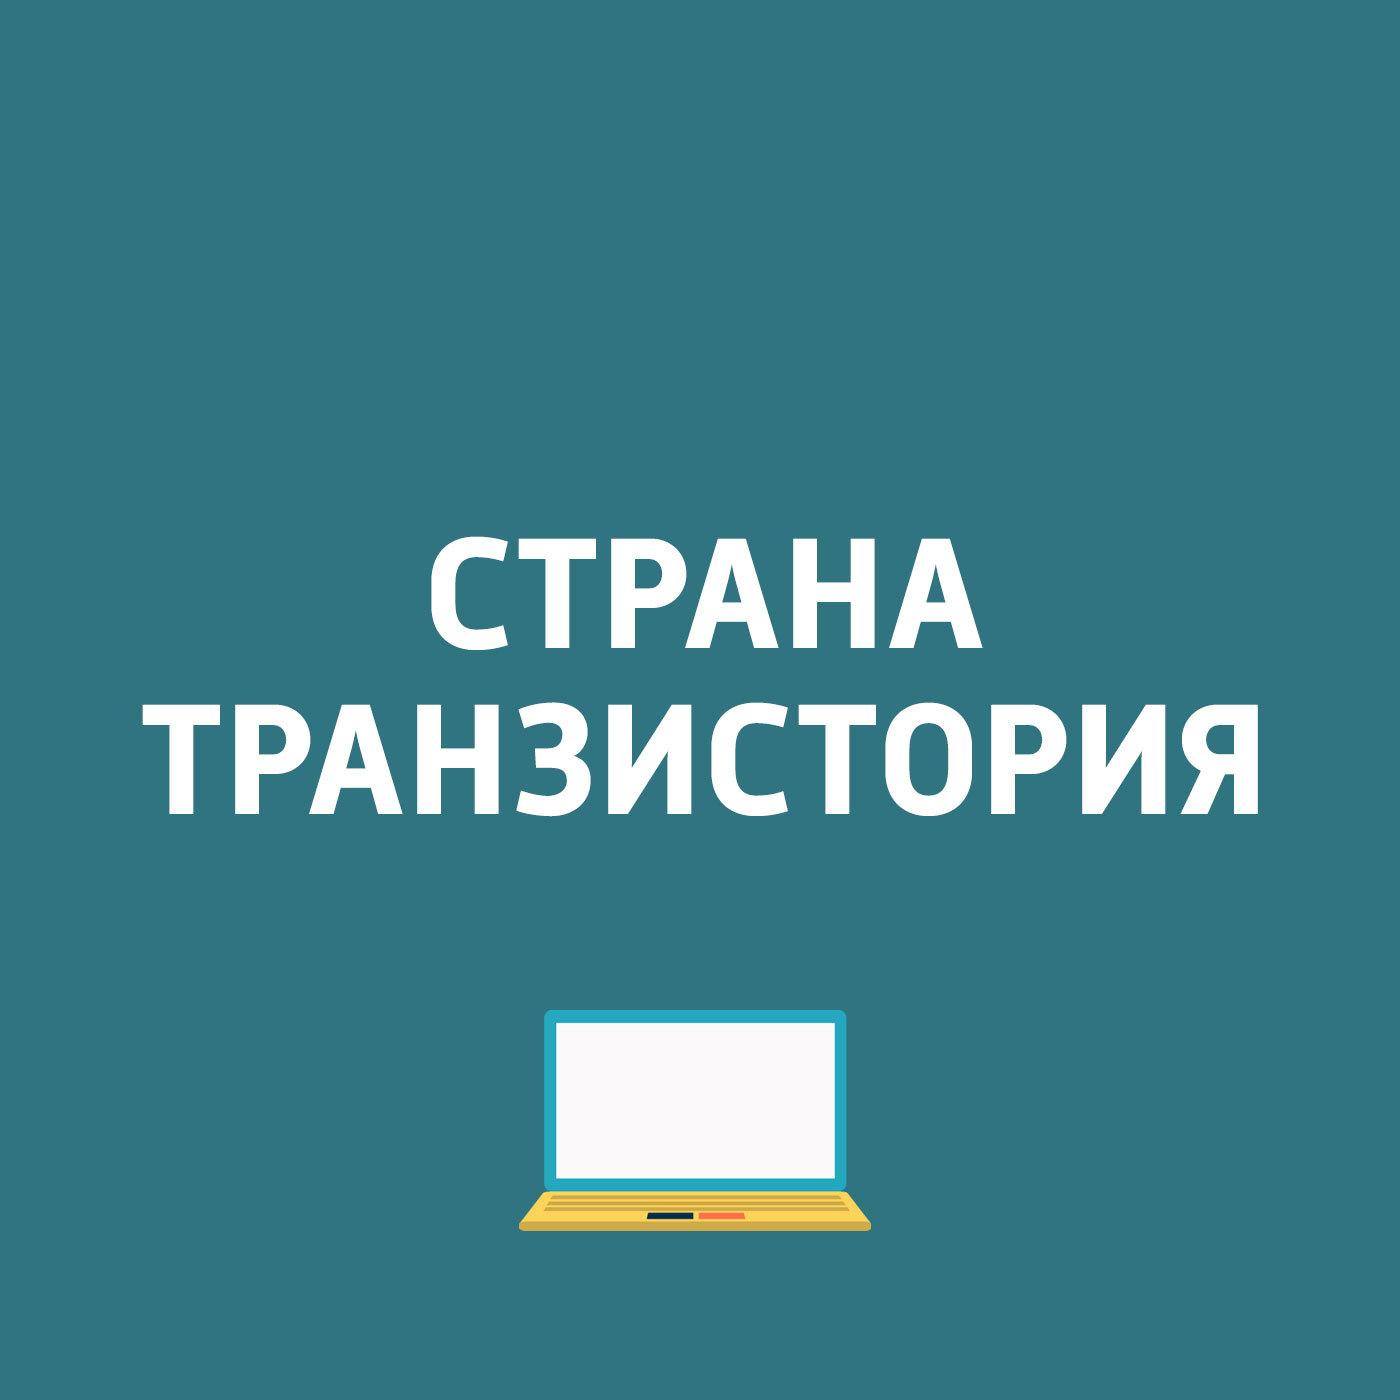 Картаев Павел LG V30; Moto X4; Yoga 920 и Lenovo Mirage AR картаев павел в конце сентября в москве продет очередной игромир и comic con russia